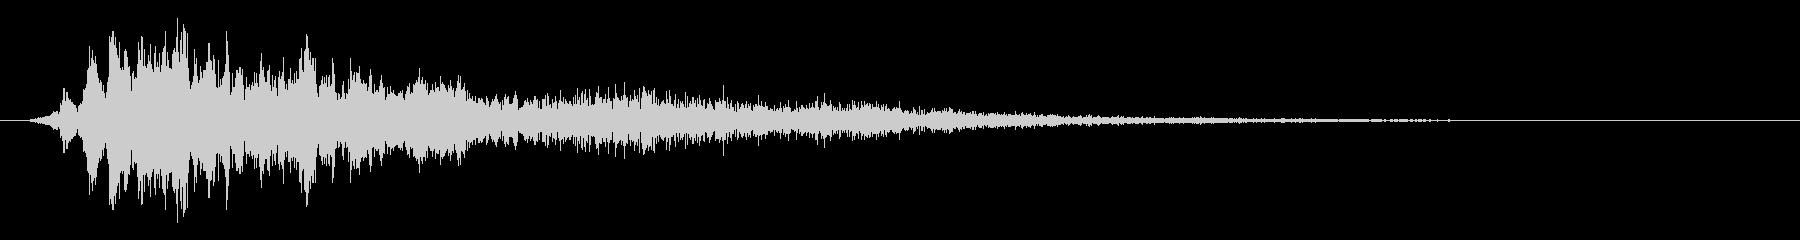 【ホラー】スリル SE_07 叫びの未再生の波形